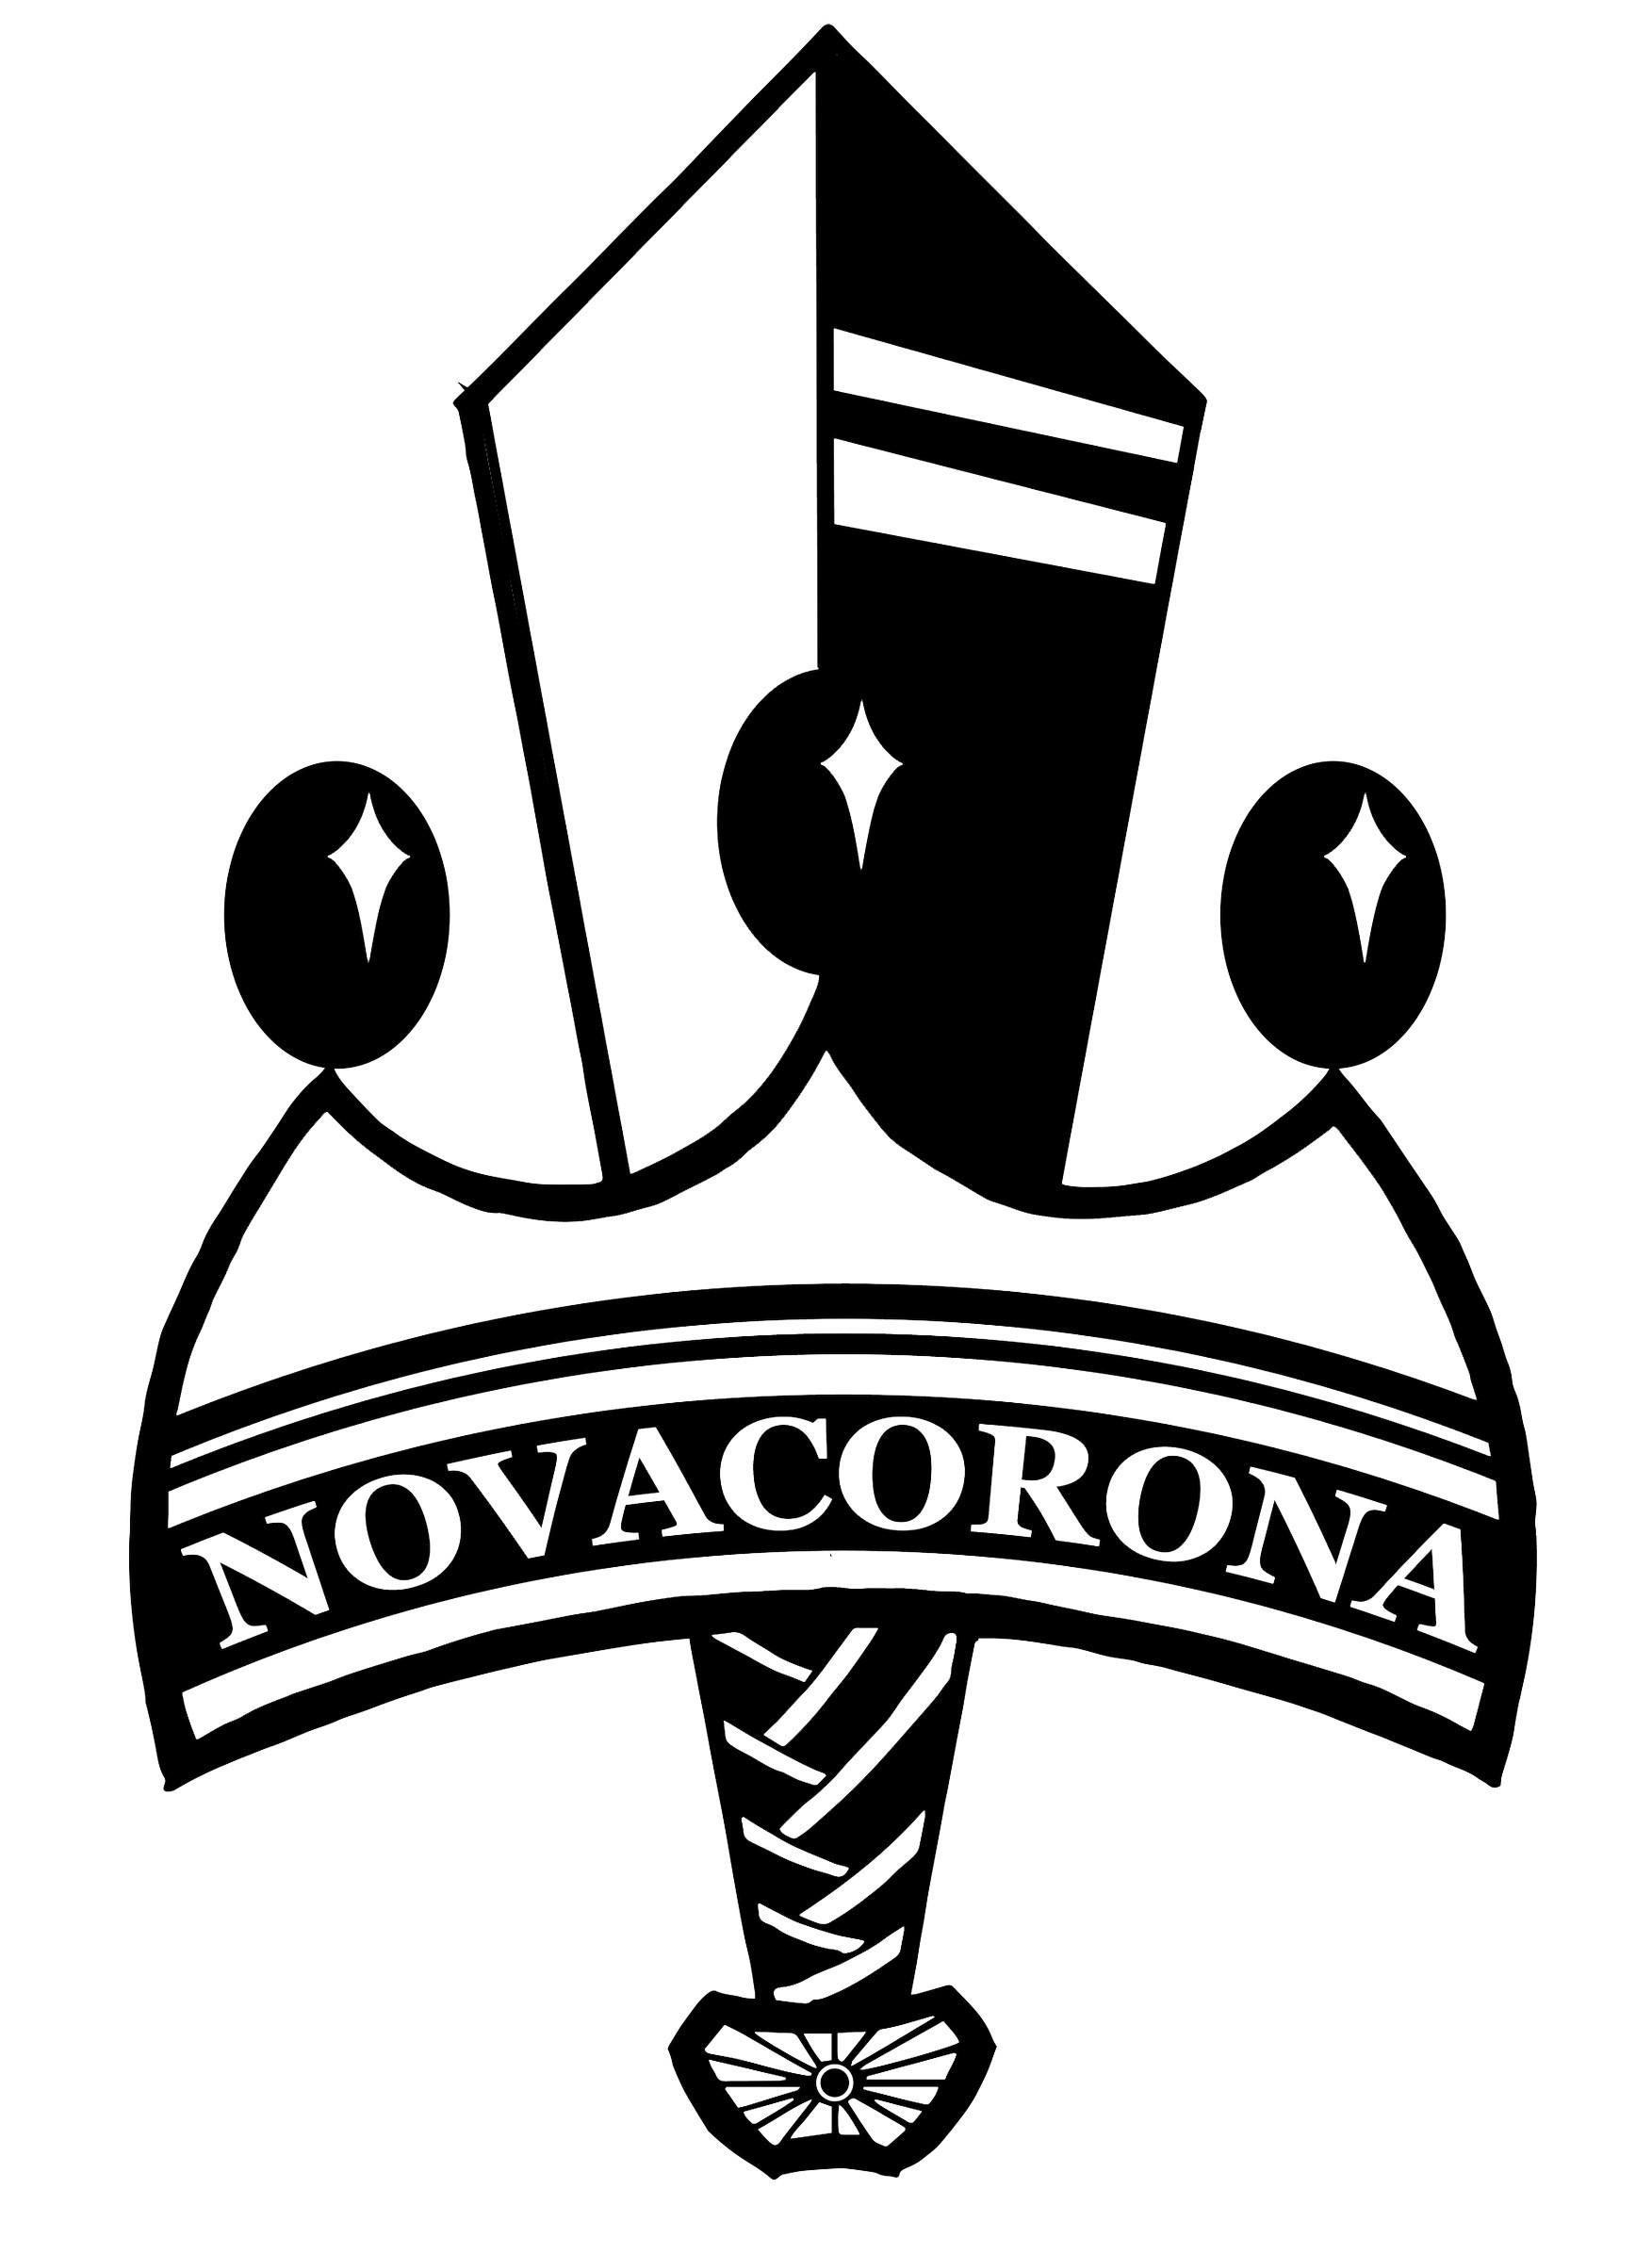 NOVACORONA